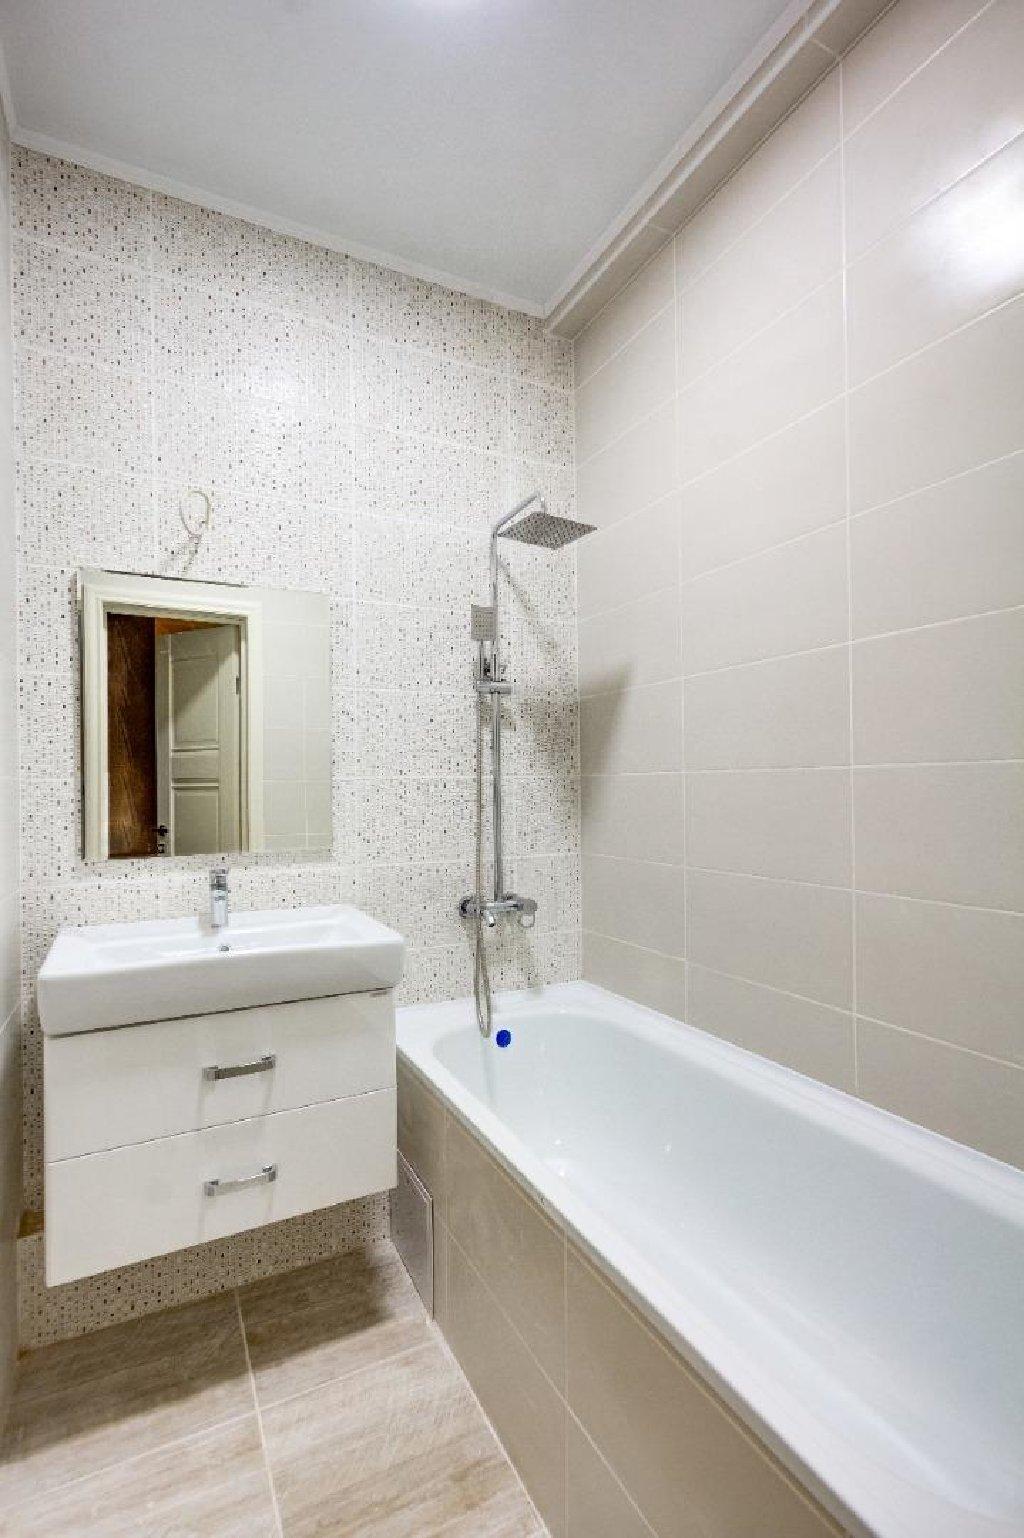 Продается квартира: 2 комнаты, 66 кв. м